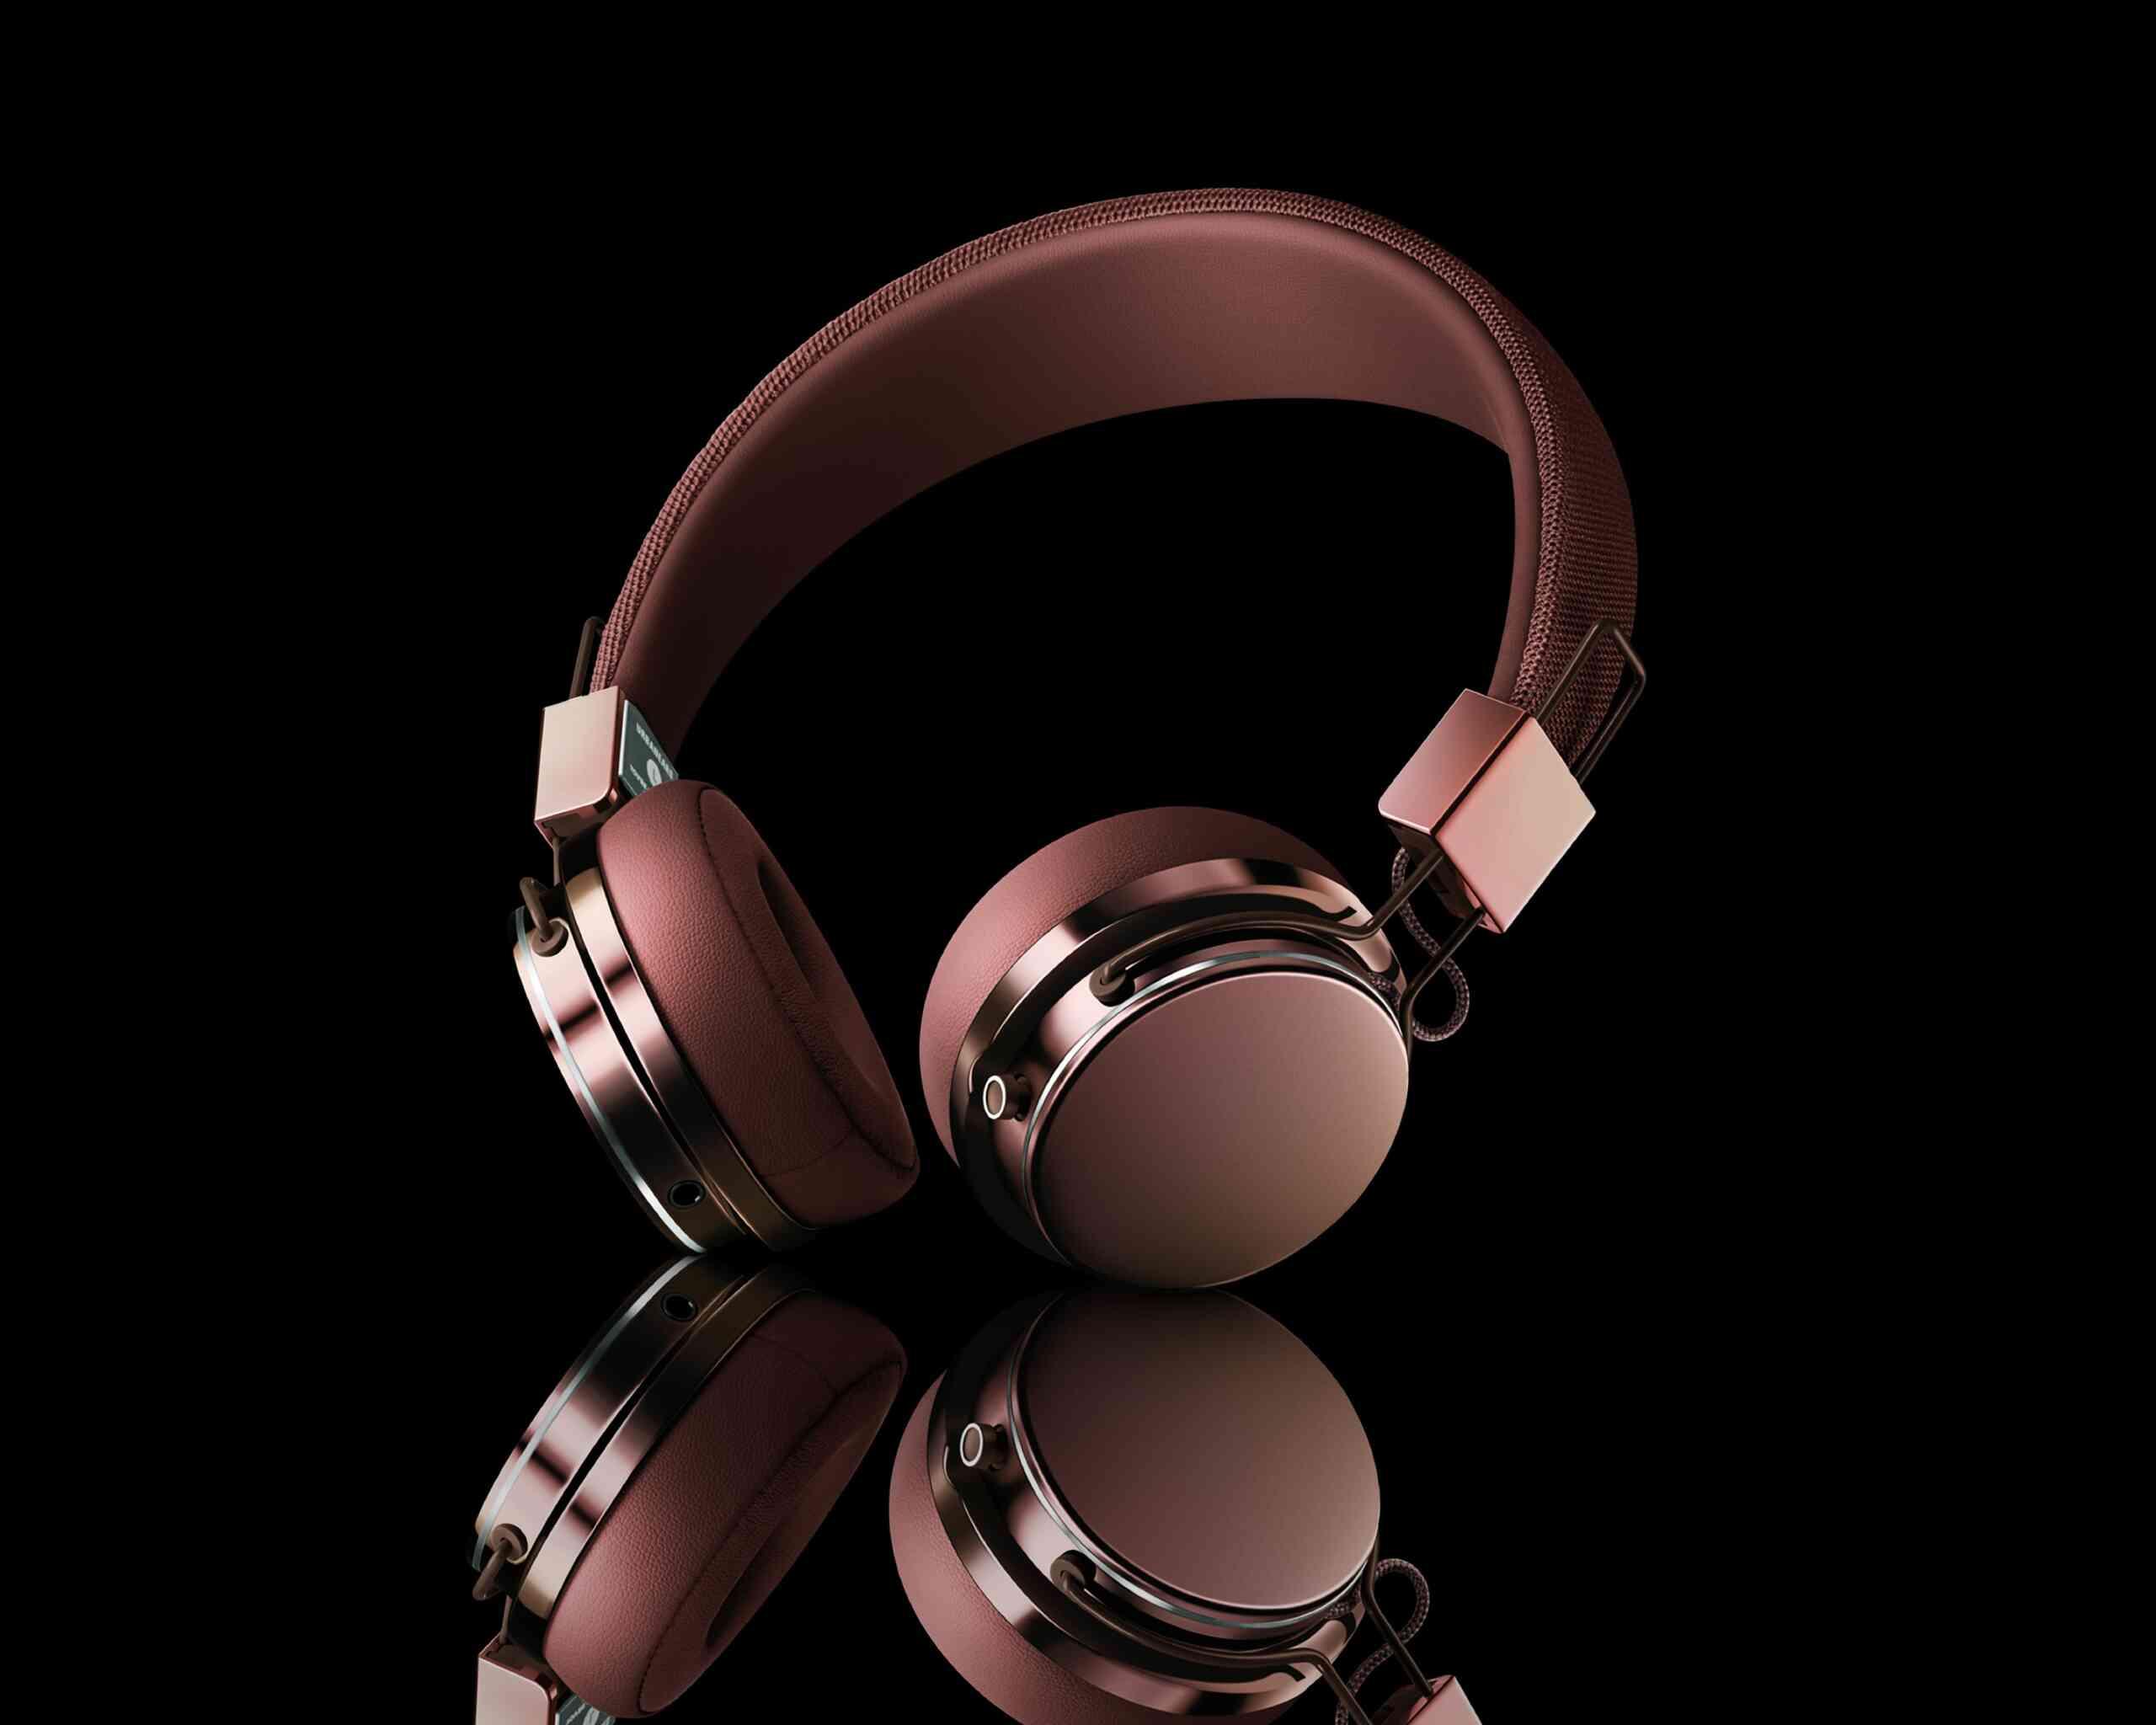 Top 10 Best Noise-Canceling Headphones Under $100